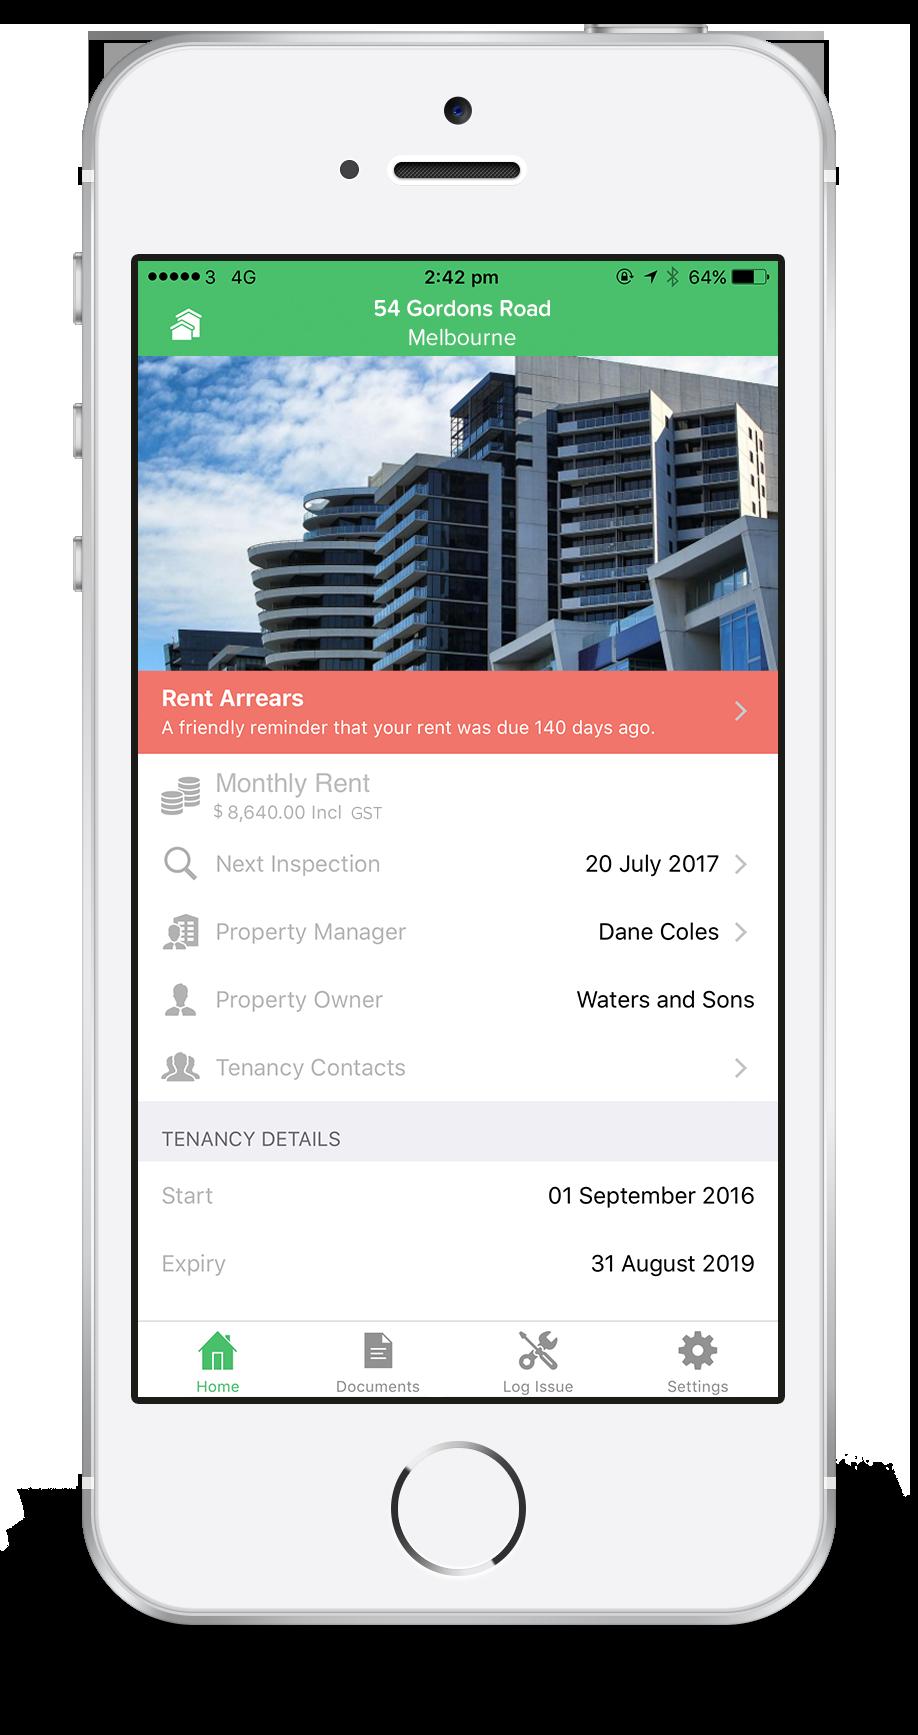 tenant mobile app